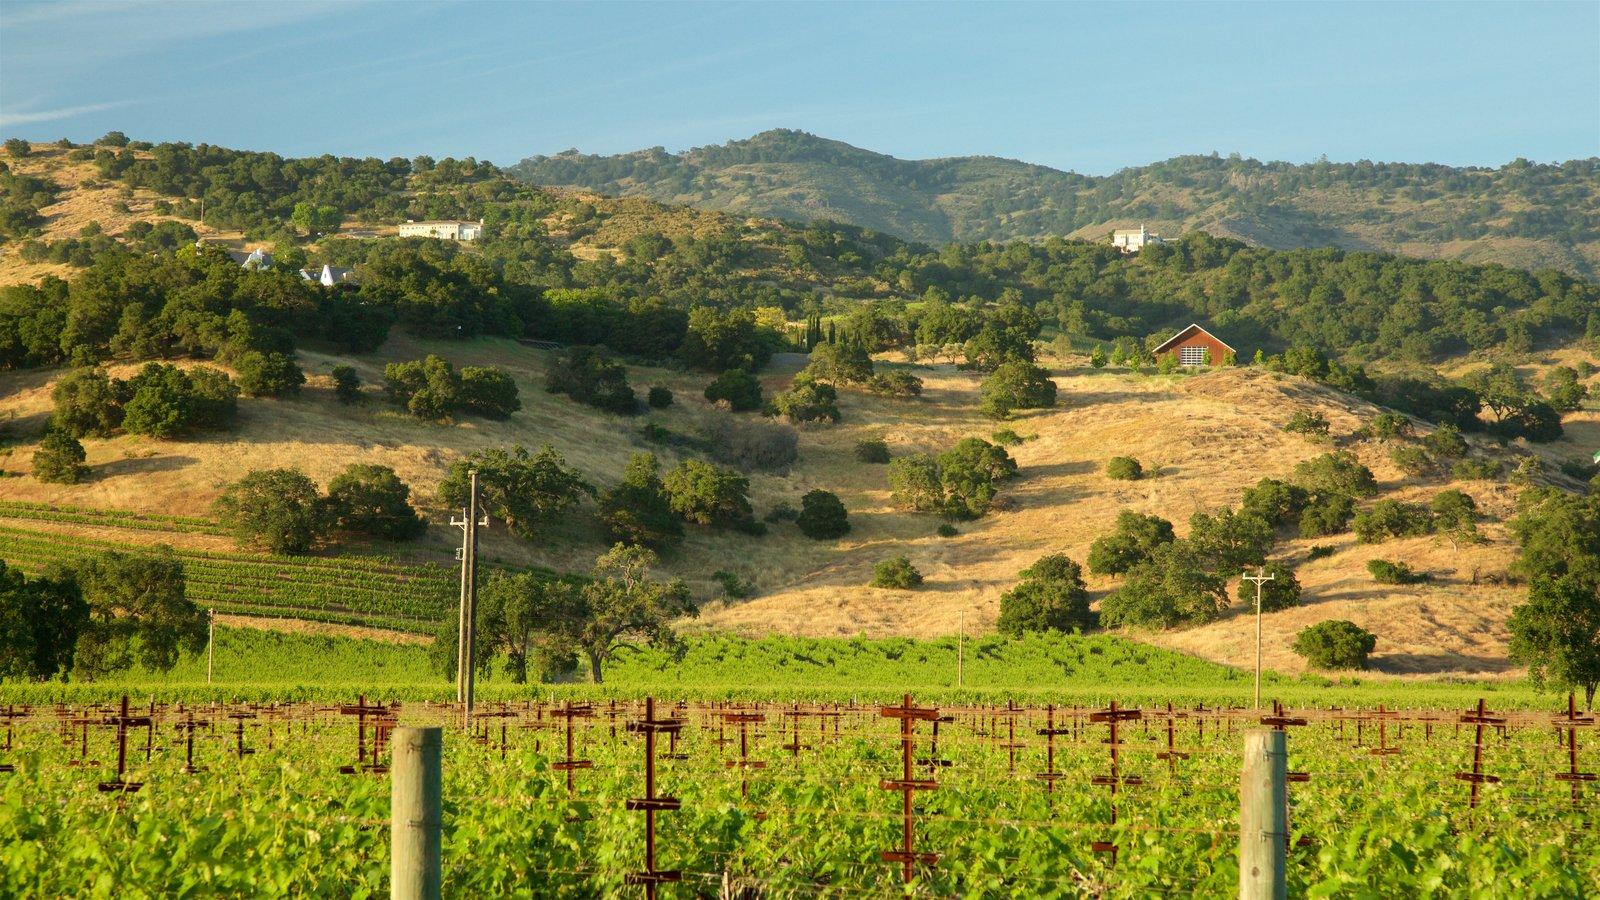 Napa Valley que incluye vistas de paisajes, escenas tranquilas y tierras de cultivo